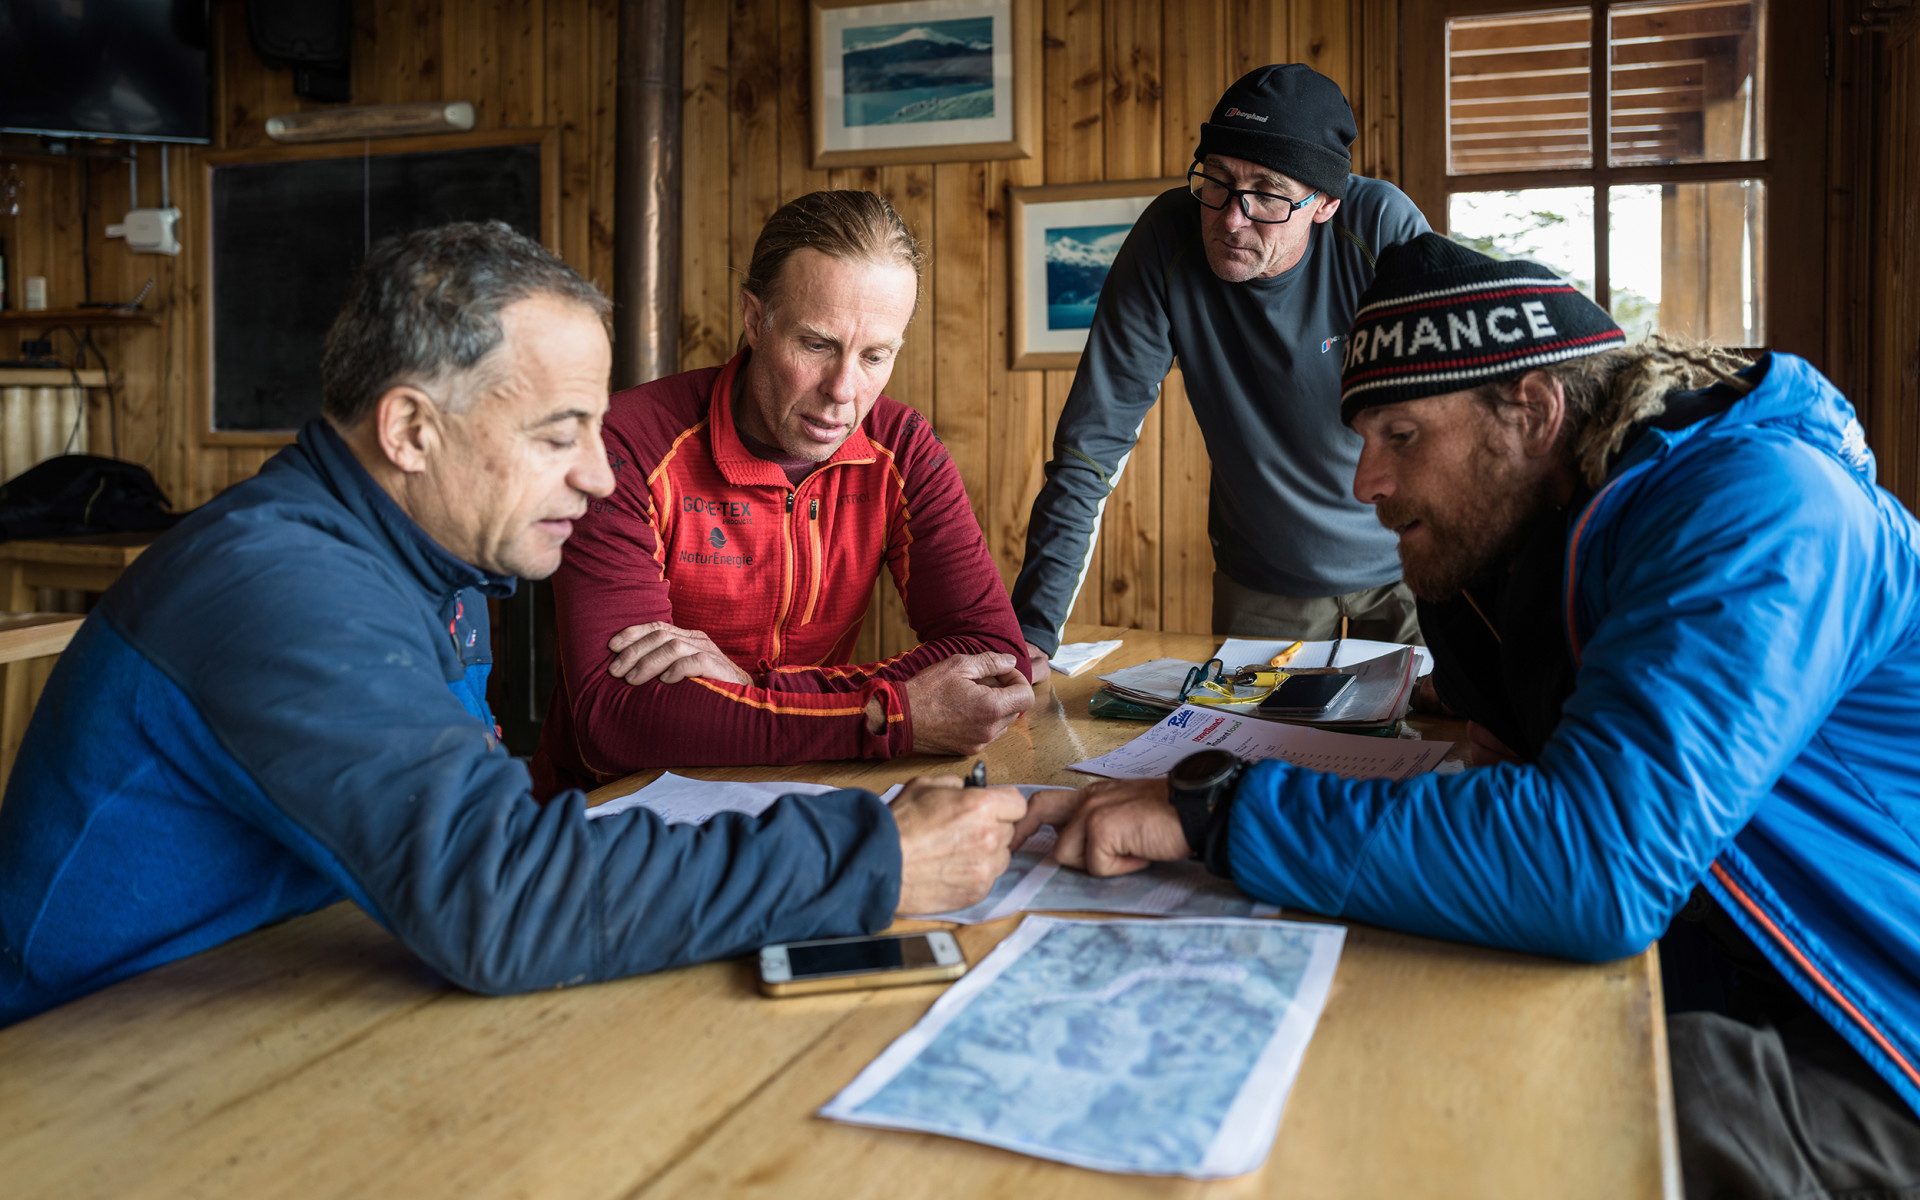 Zij wilden in vier weken tijd een verkenningstocht uitvoeren op een van de grootste ijsvlaktes ter wereld en daarbij – indien mogelijk – ook nog een berg beklimmen.